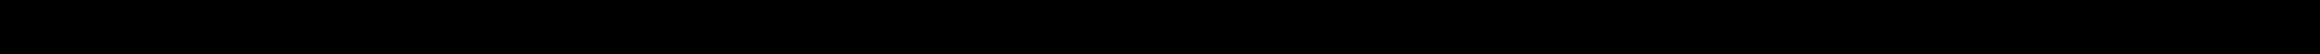 MANN-FILTER 13 32 1 461 265, 16 14 2 325 859, 13 32 1 460 453, 13 32 1 461 265, 16 14 2 325 859 Polttoainesuodatin